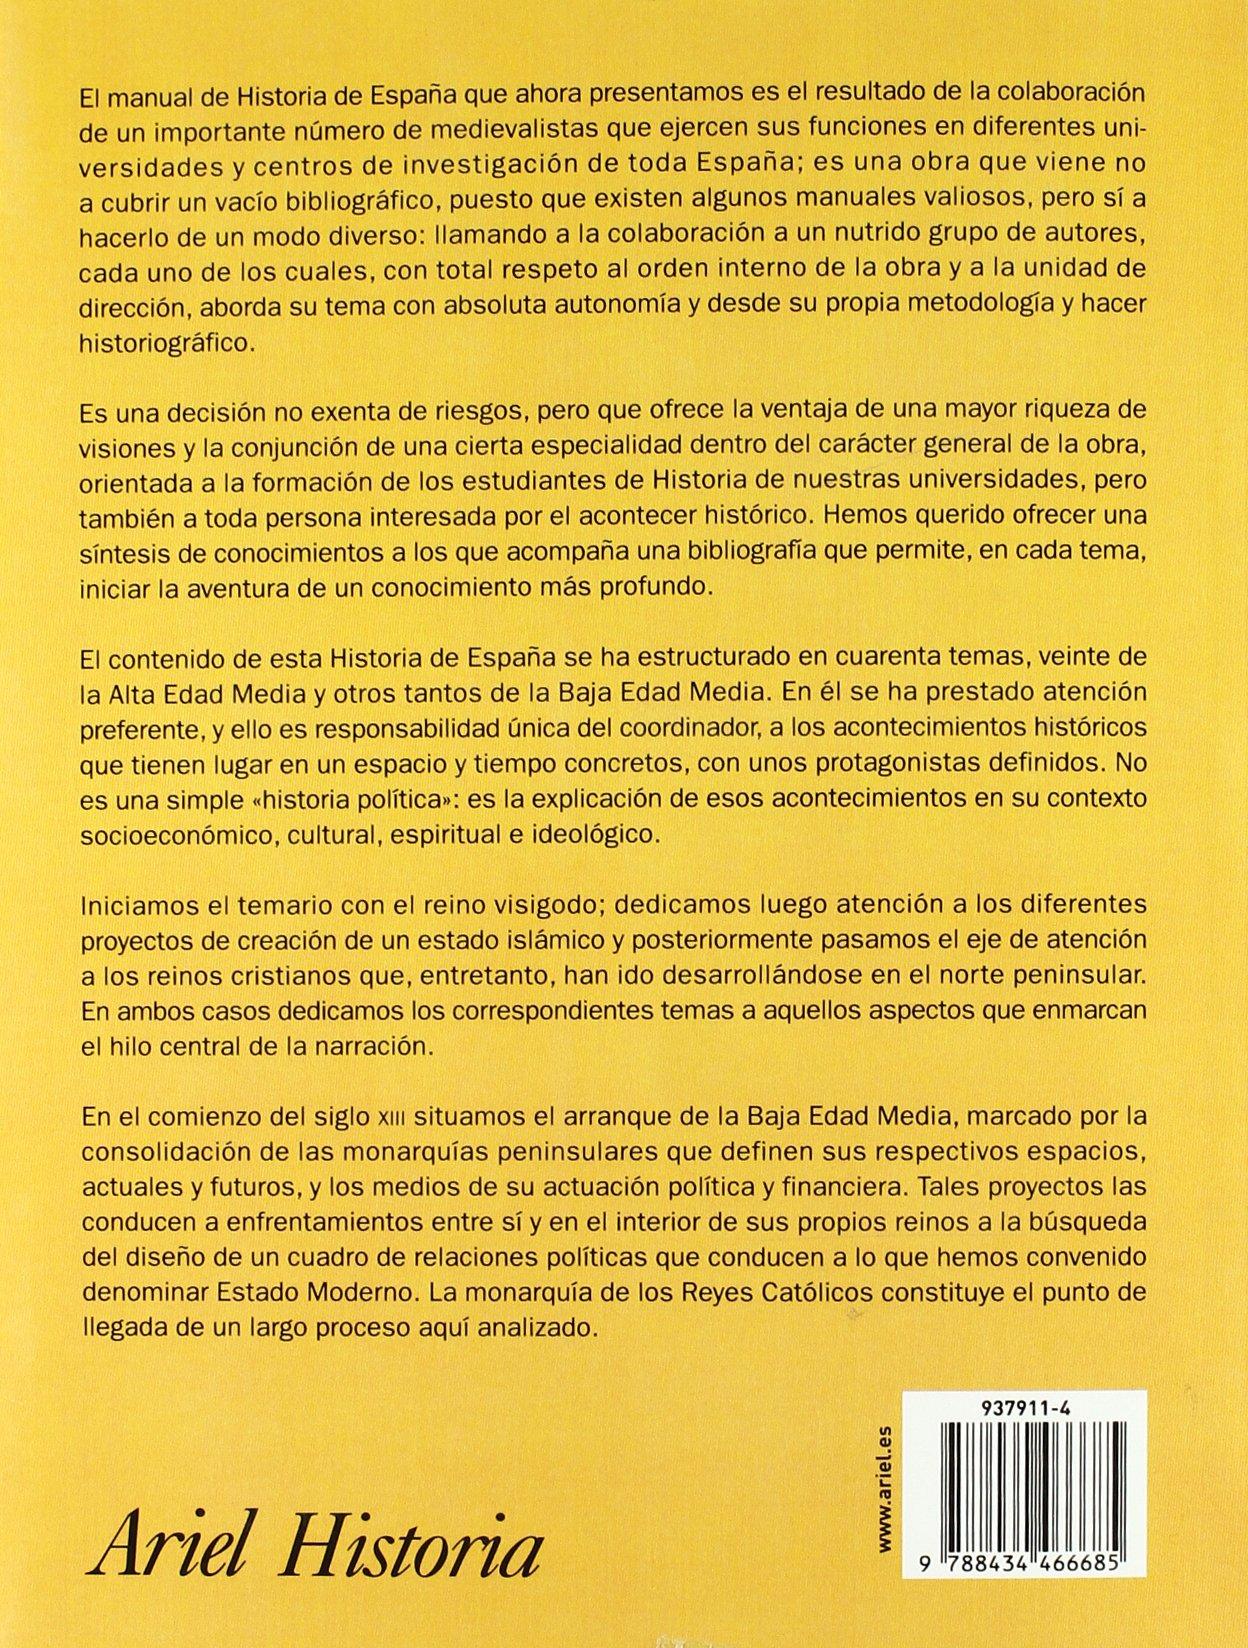 Historia de España de la Edad Media (Ariel Historia): Amazon.es: Álvarez Palenzuela, Vicente Ángel: Libros